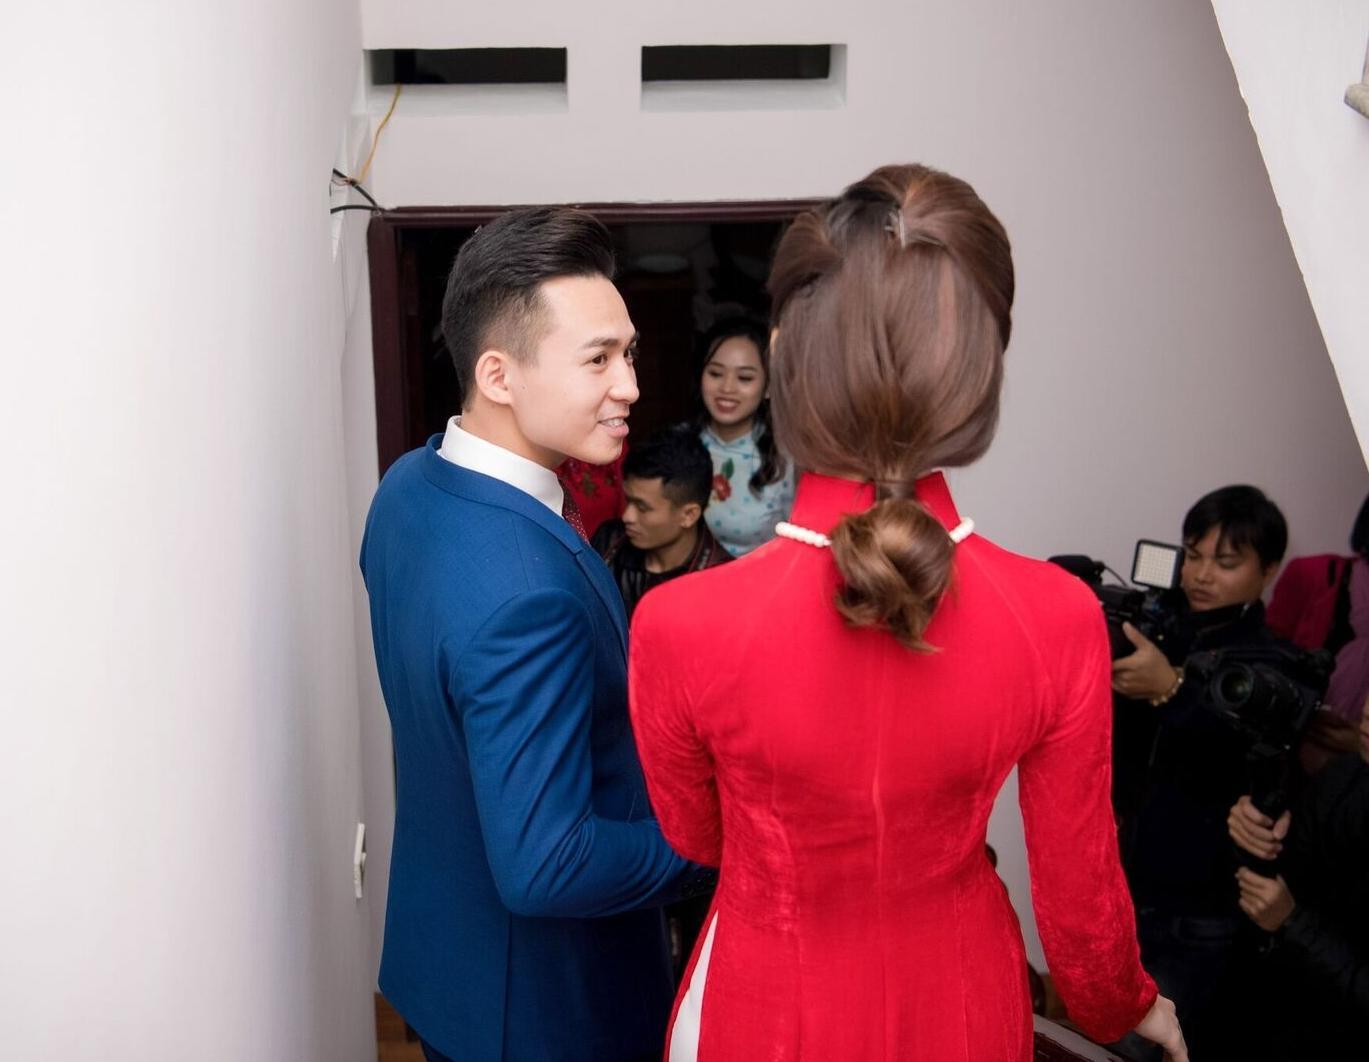 Hoa hậu khả ái Trần Tố Như nở nụ cười rạng rỡ, nắm chặt tay hot boy cảnh sát trong suốt lễ ăn hỏi-7